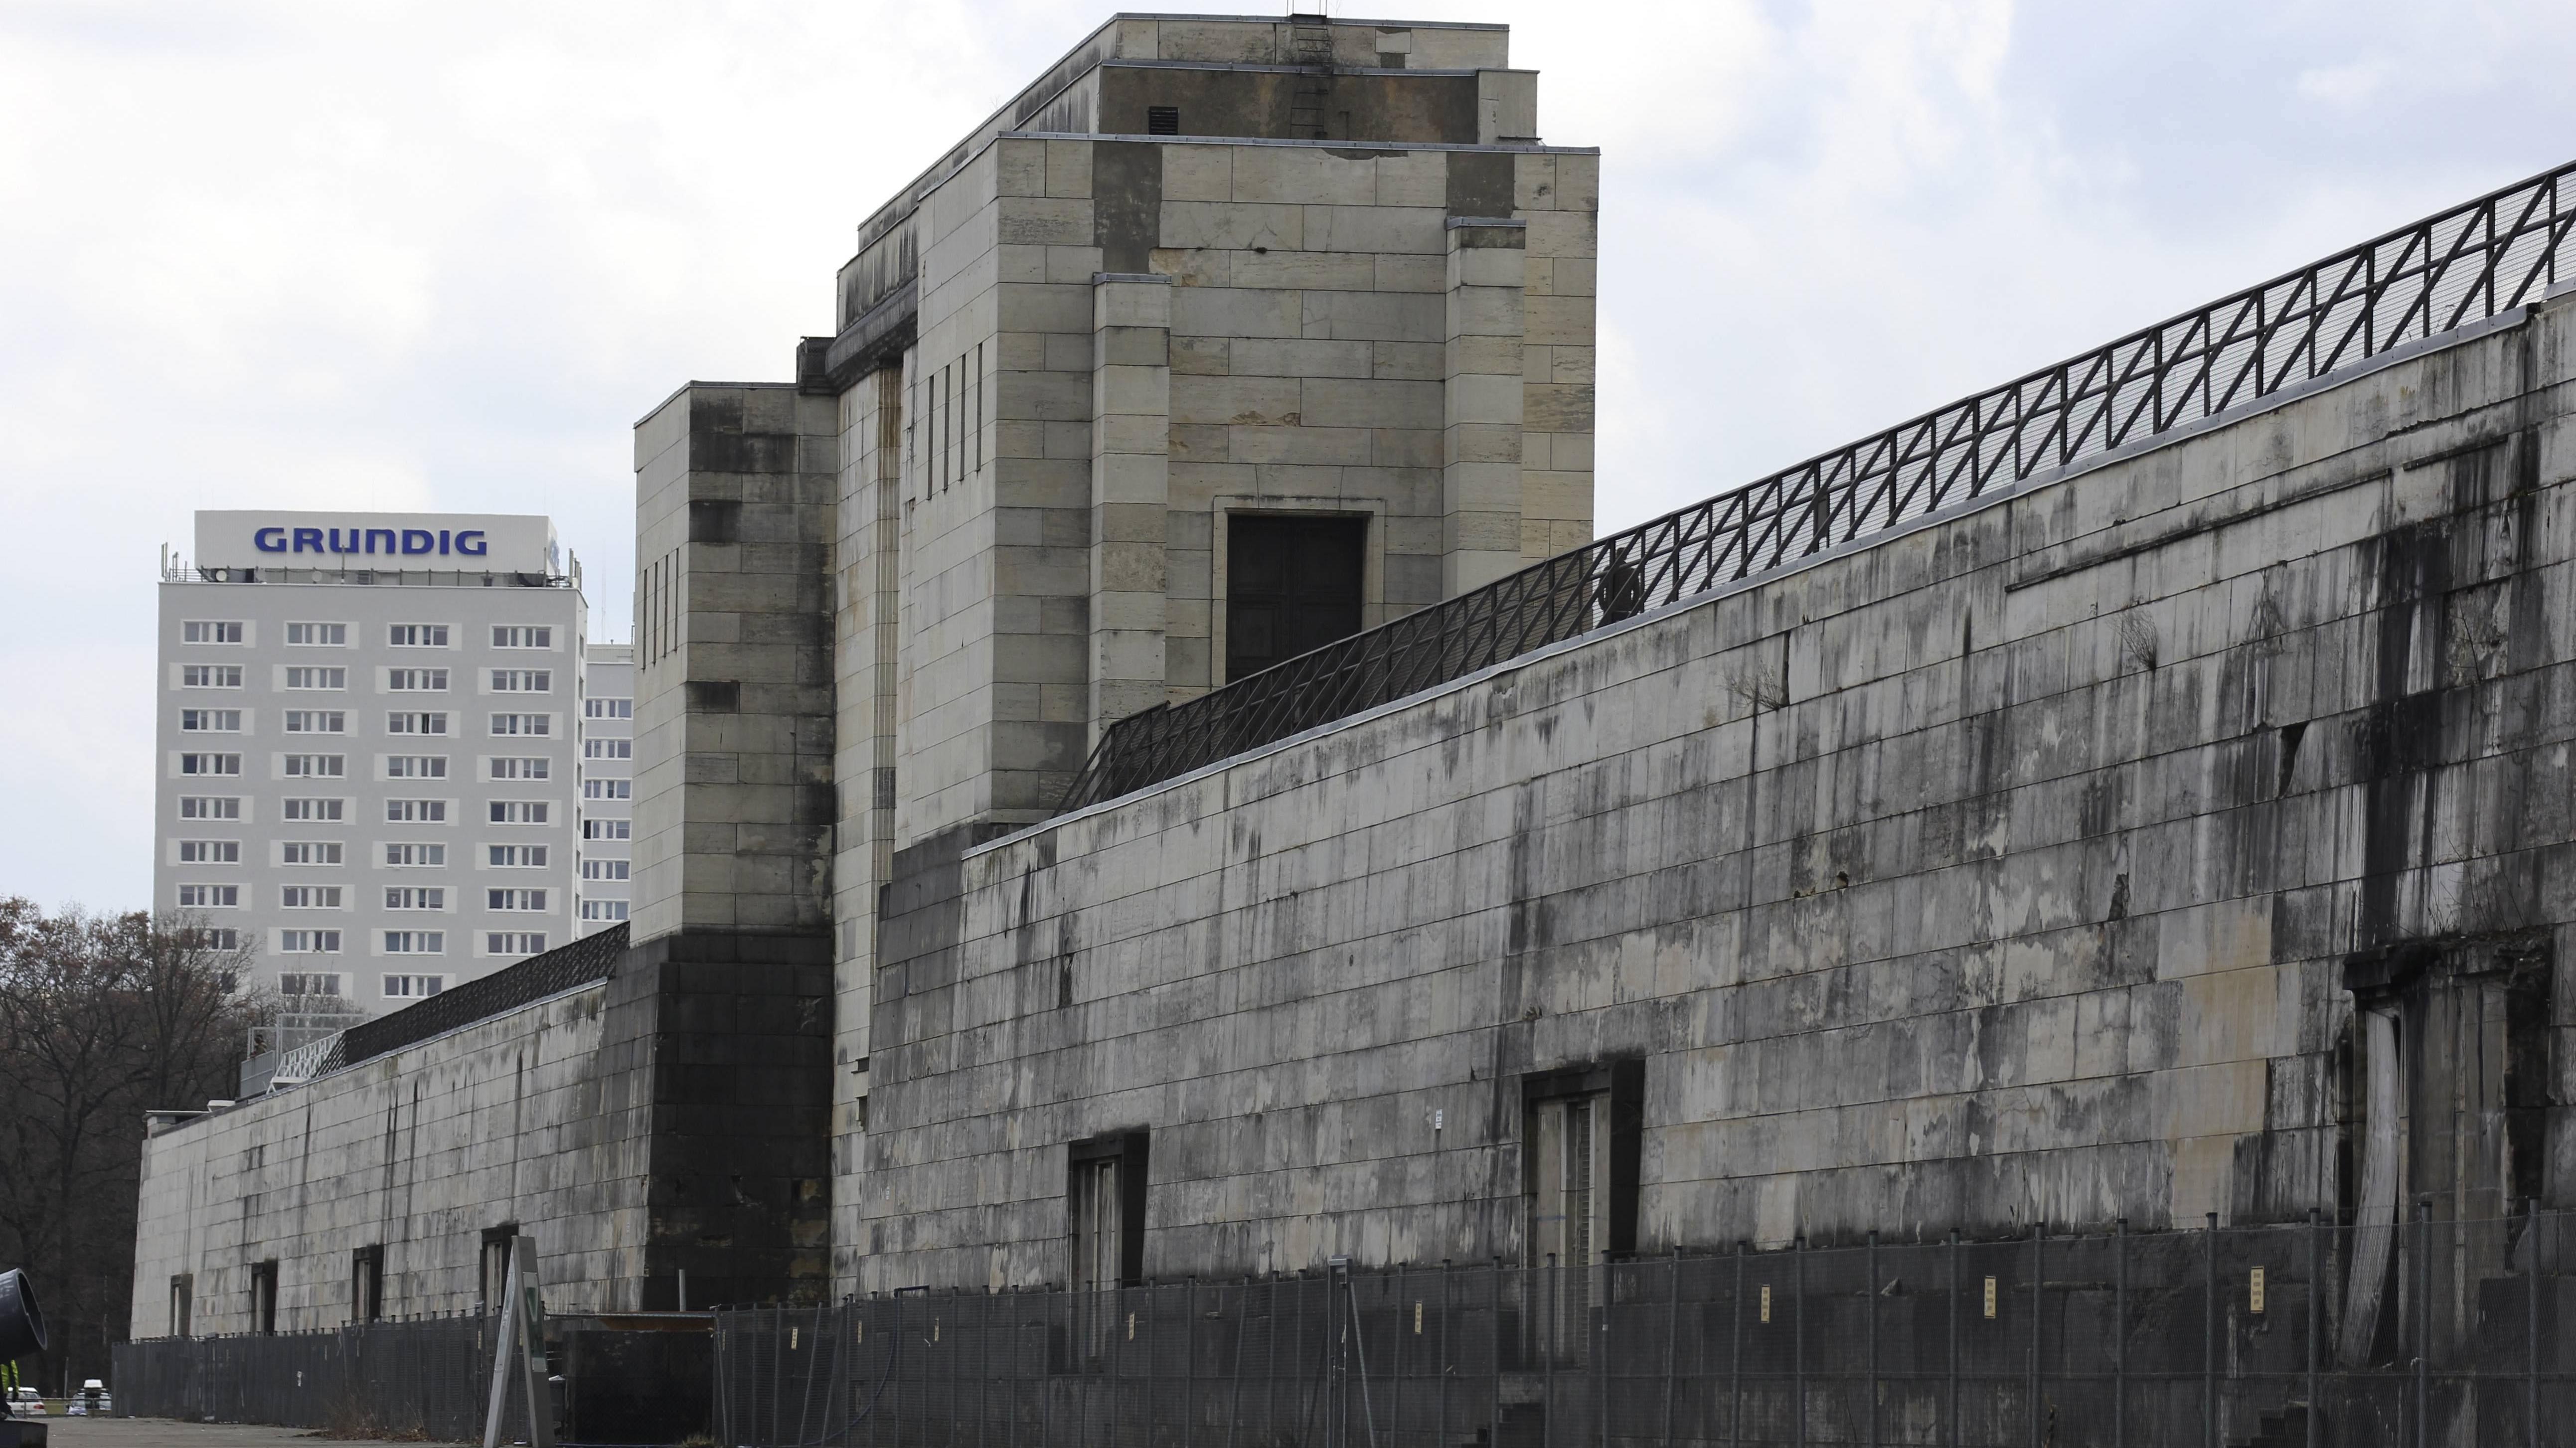 Reichsparteitagsgelände in Nürnberg: Zeppelintribüne, Rückseite